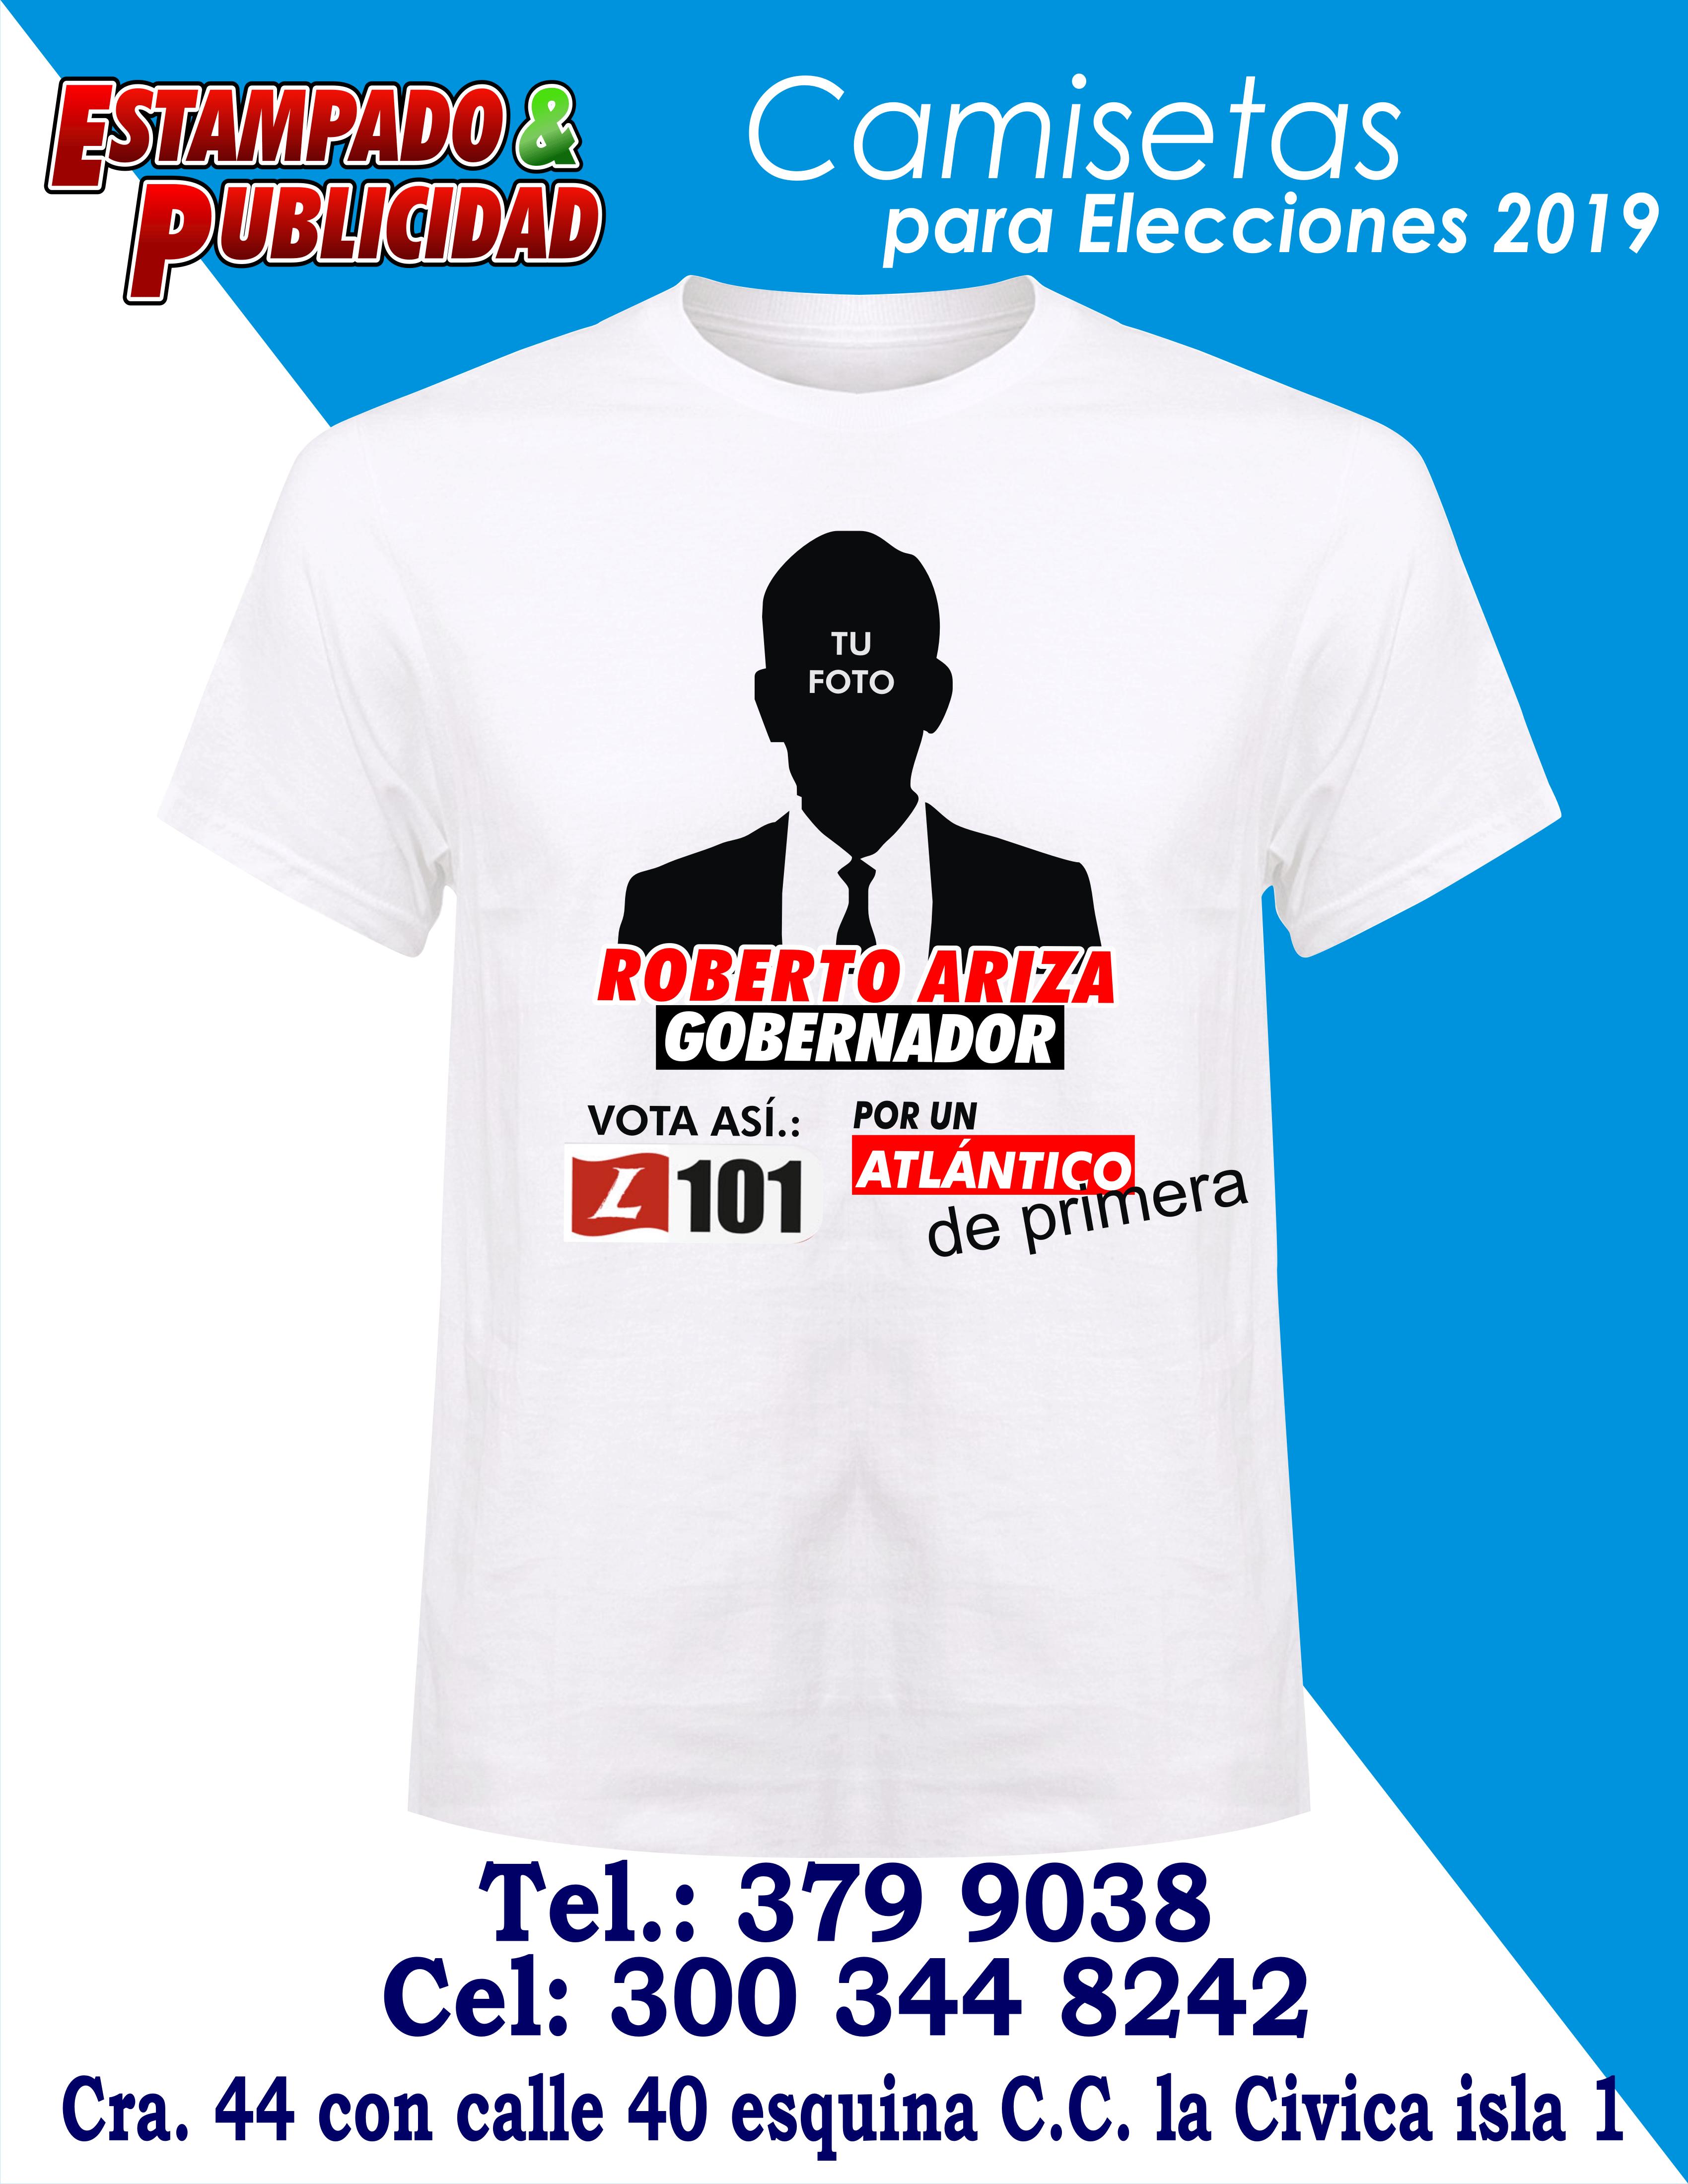 91e7f14e334 Camisetas para campañas políticas 5 - Estampado y Publicidad